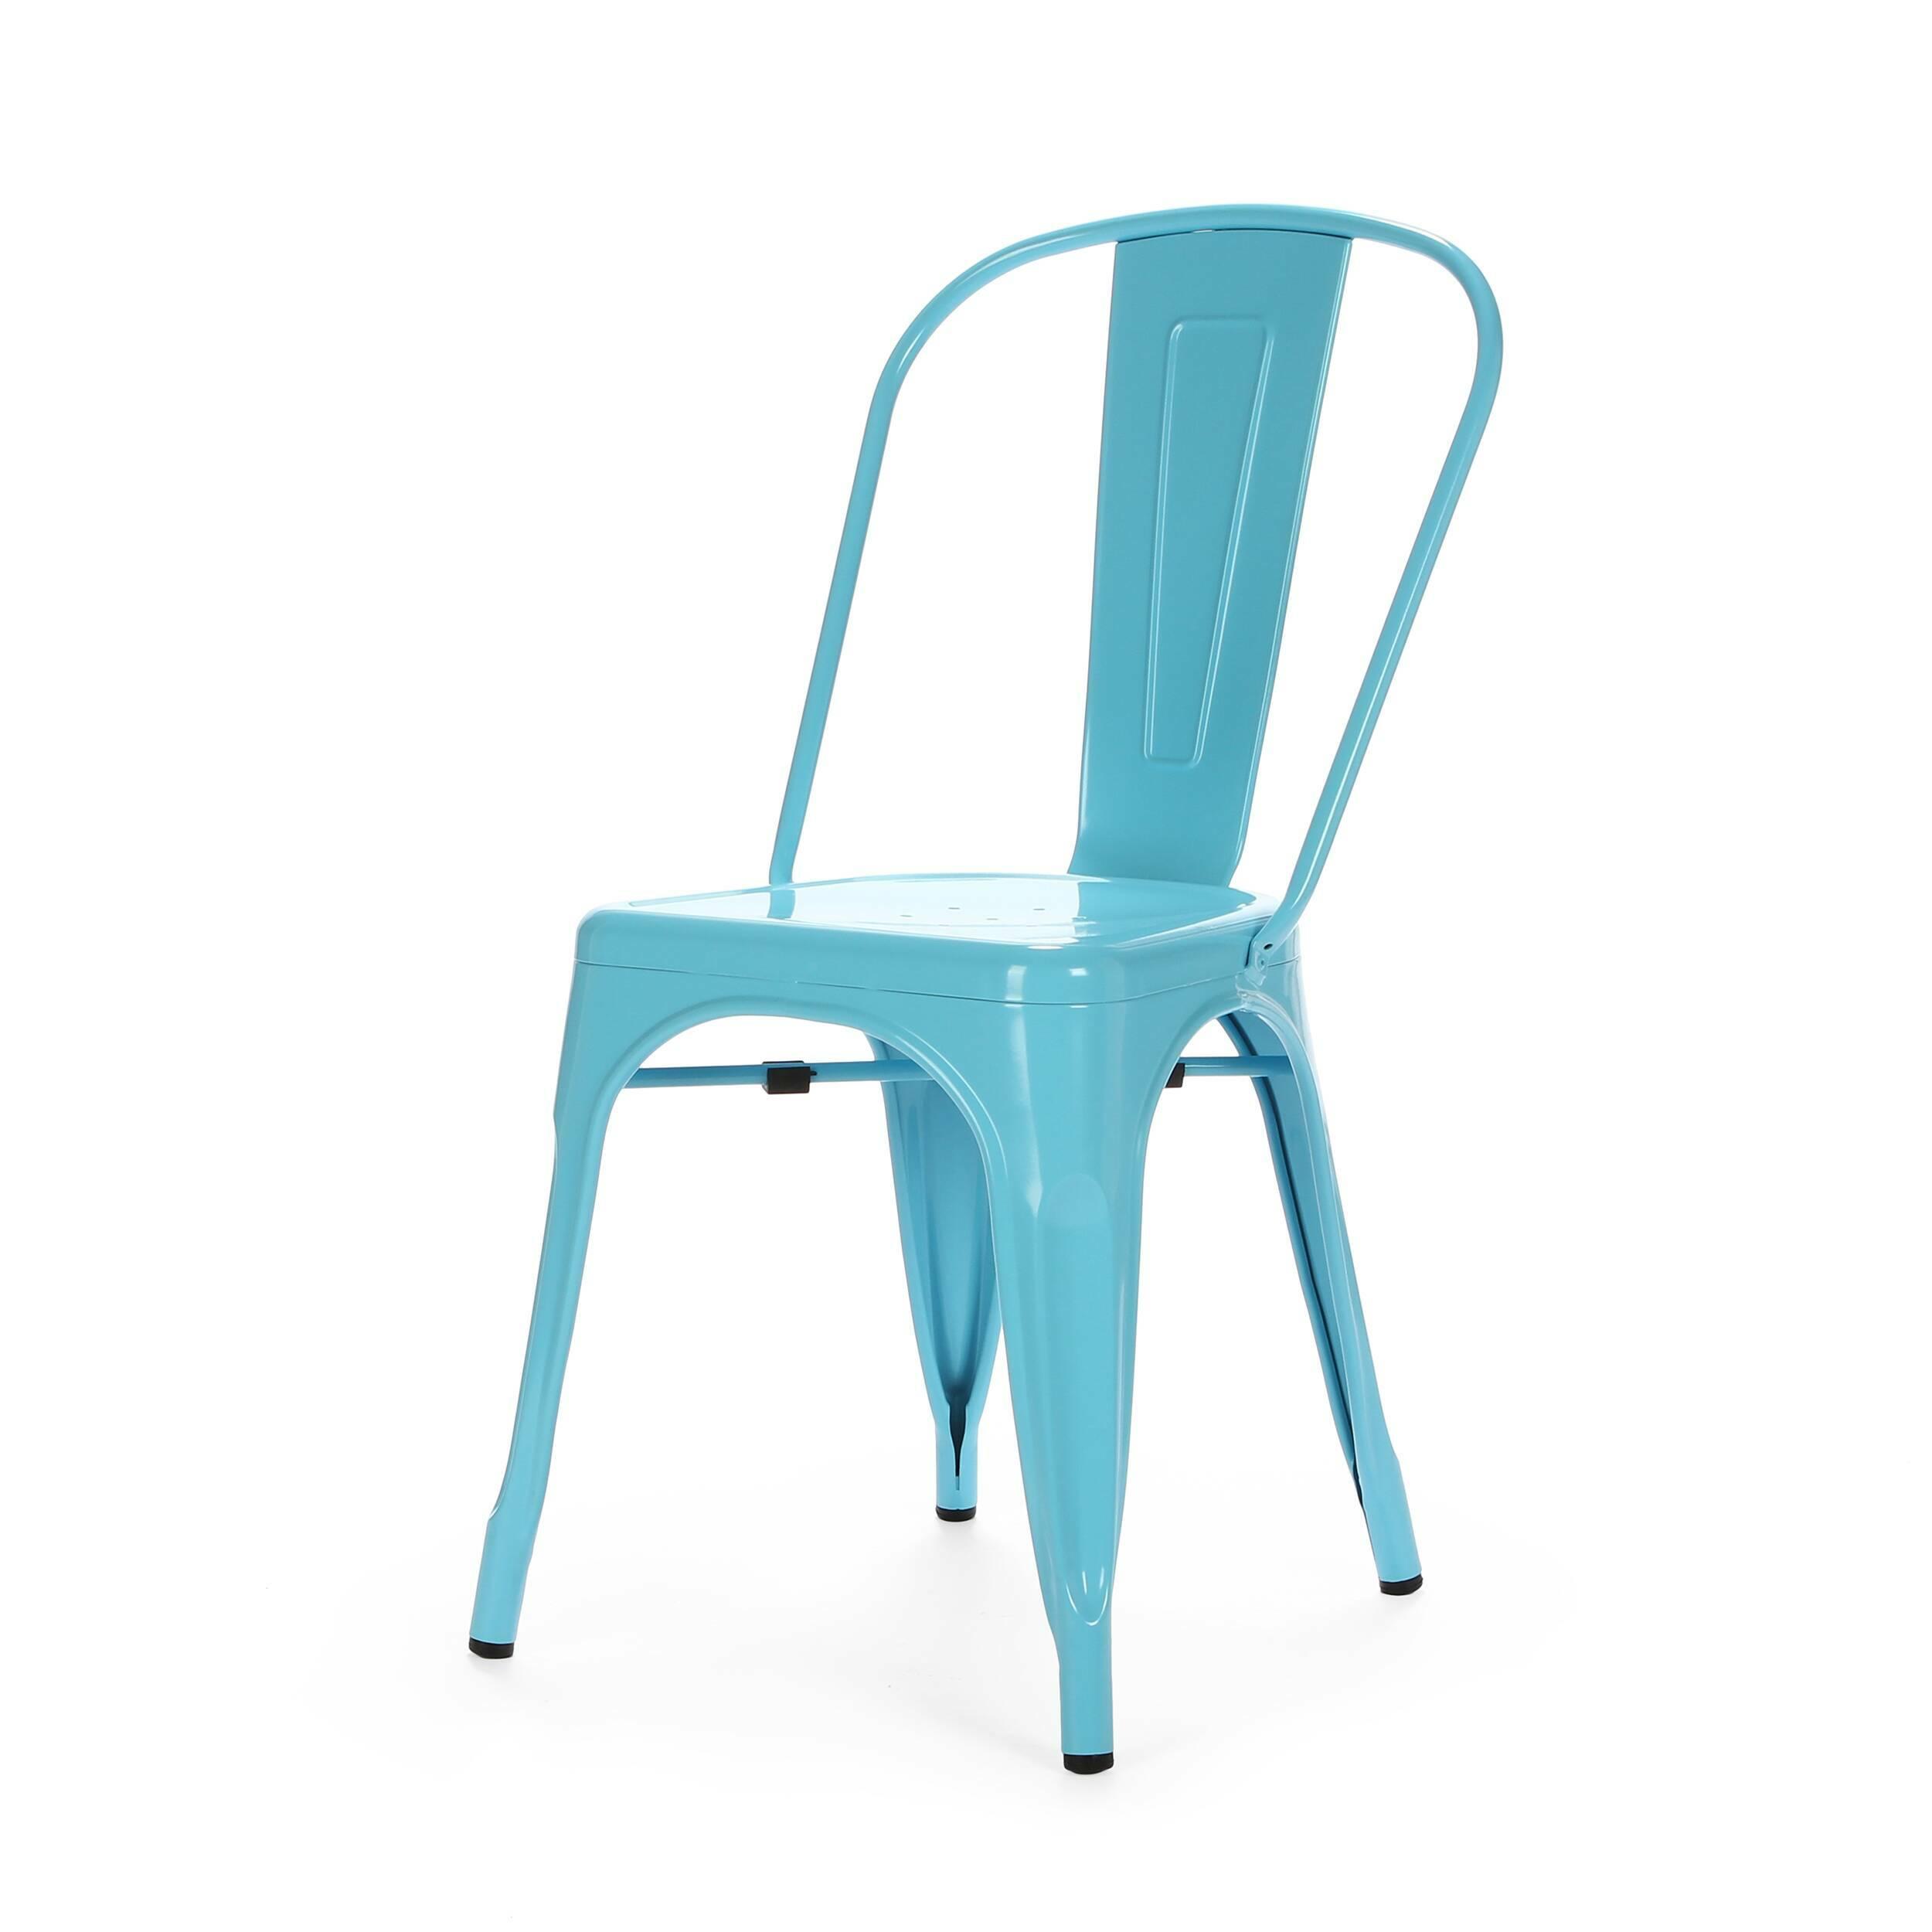 Стул Marais ColorИнтерьерные<br>Дизайнерский яркий однотонный стул Marais Color (Мэрейс Колор) из стали без подлокотников от Cosmo (Космо).<br>Яркий дизайн стула Marais Color непременно понравится вам и вашей семье. Насыщенные цвета задали положительный тон облику изделия, поэтому он невероятно актуален для декорирования гостиных, детских и кухонь в стиле лофт. Лофт — это сочетание старого (кирпичные, отштукатуренные или крашеные стены, дощатый пол) и нового (стекло, металл, ультрасовременная бытовая техника).<br><br>     Примеча...<br><br>stock: 26<br>Высота: 84,5<br>Высота сиденья: 46<br>Ширина: 53<br>Глубина: 45<br>Тип материала каркаса: Сталь<br>Цвет каркаса: Голубой